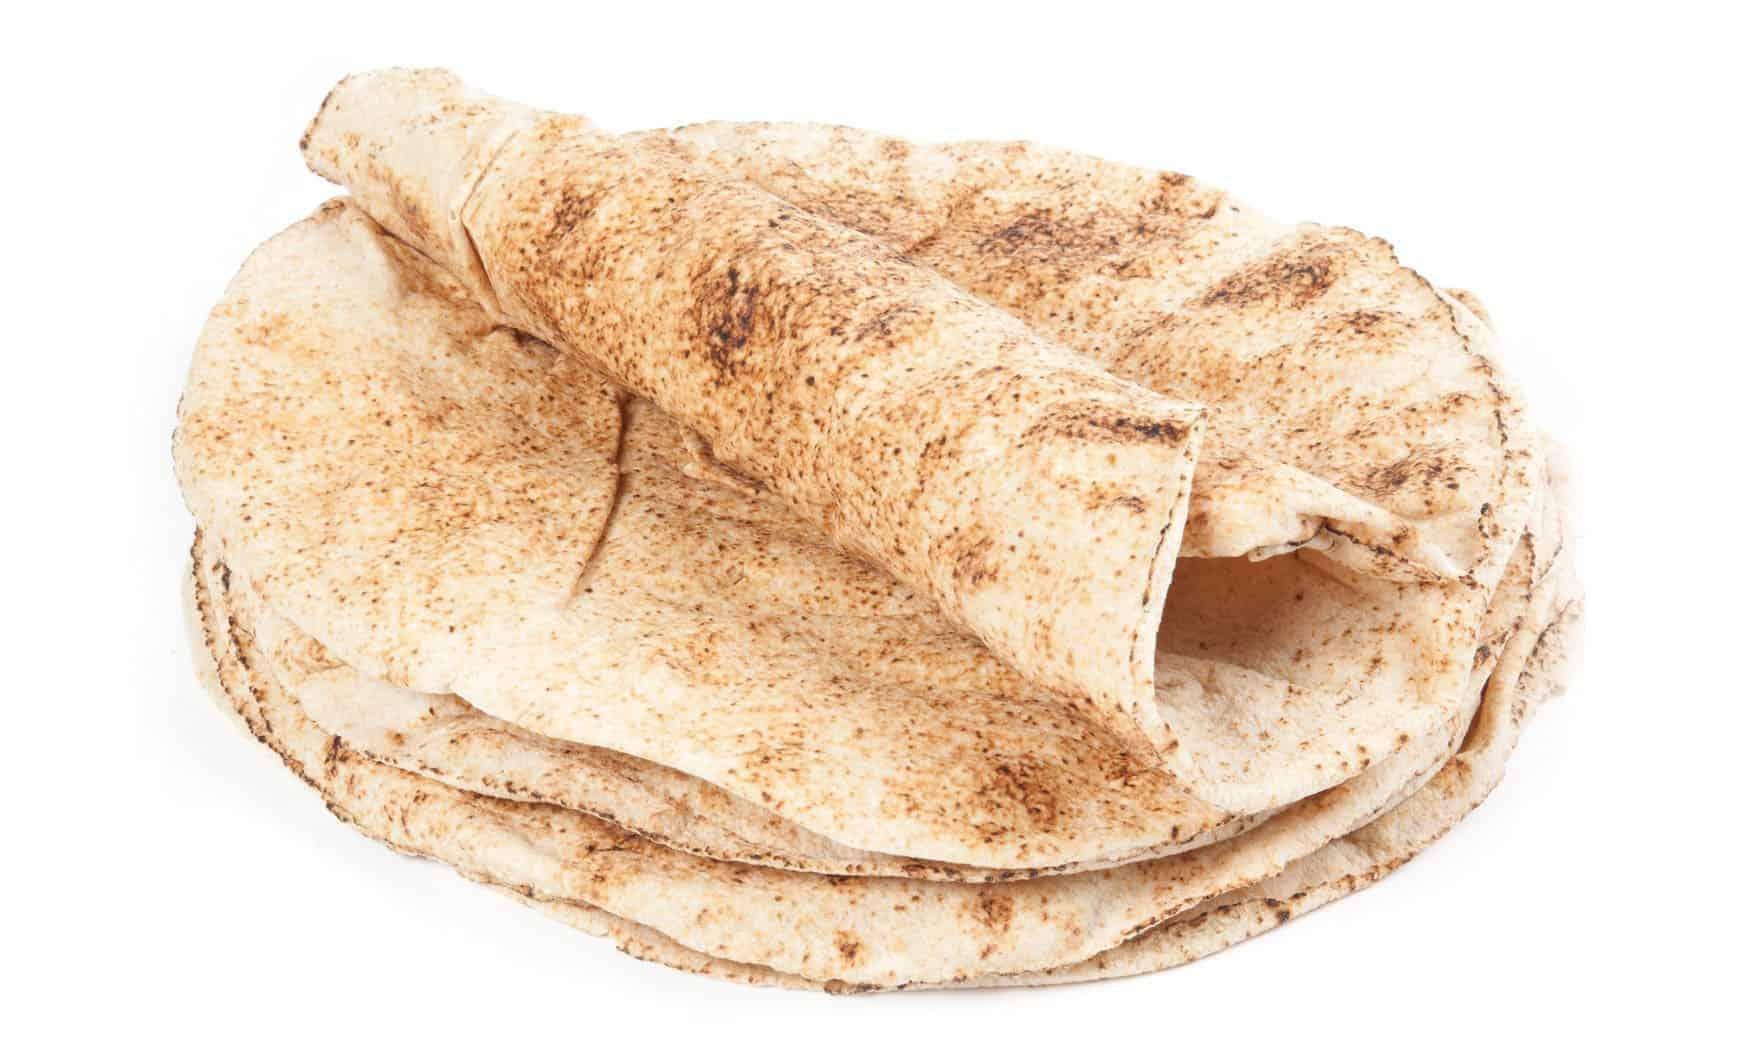 السعرات الحرارية في الخبز أبيض أسمر توست المجلة الصحية